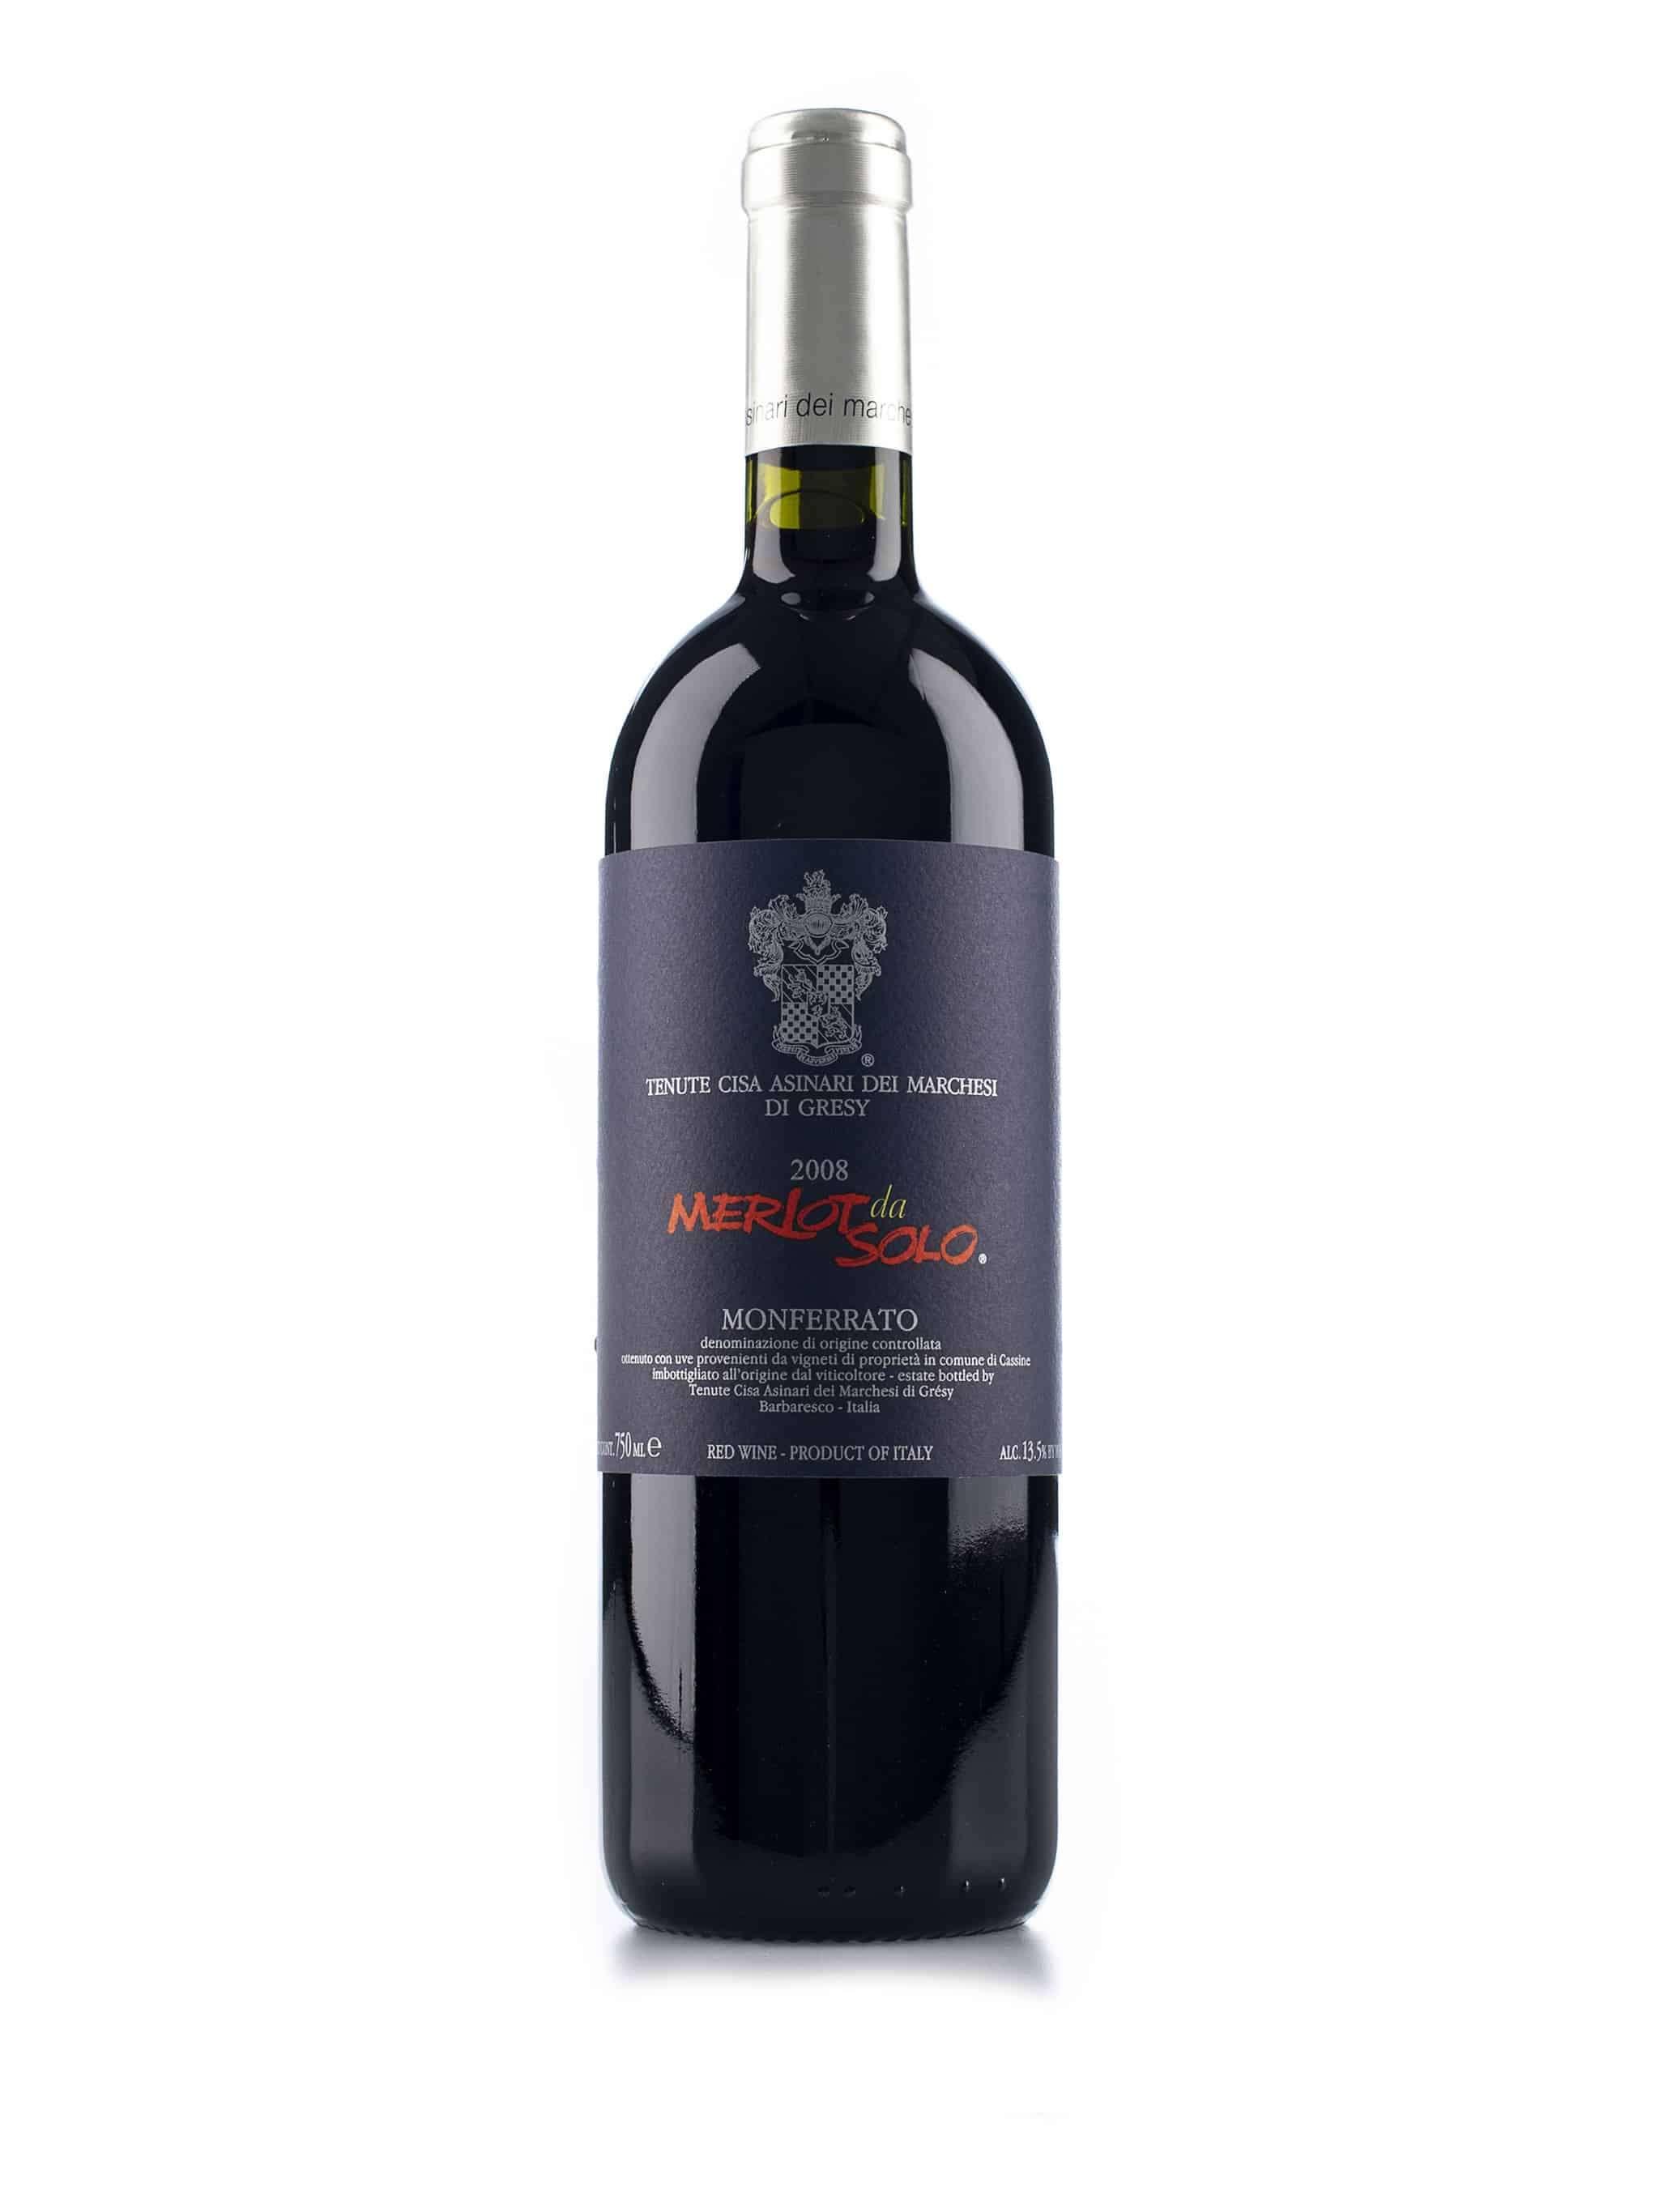 Italiaanse rode wijn van wijndomein Cisa Asinari dei Marchesi di Gresy: Merlot da Solo Monferrato